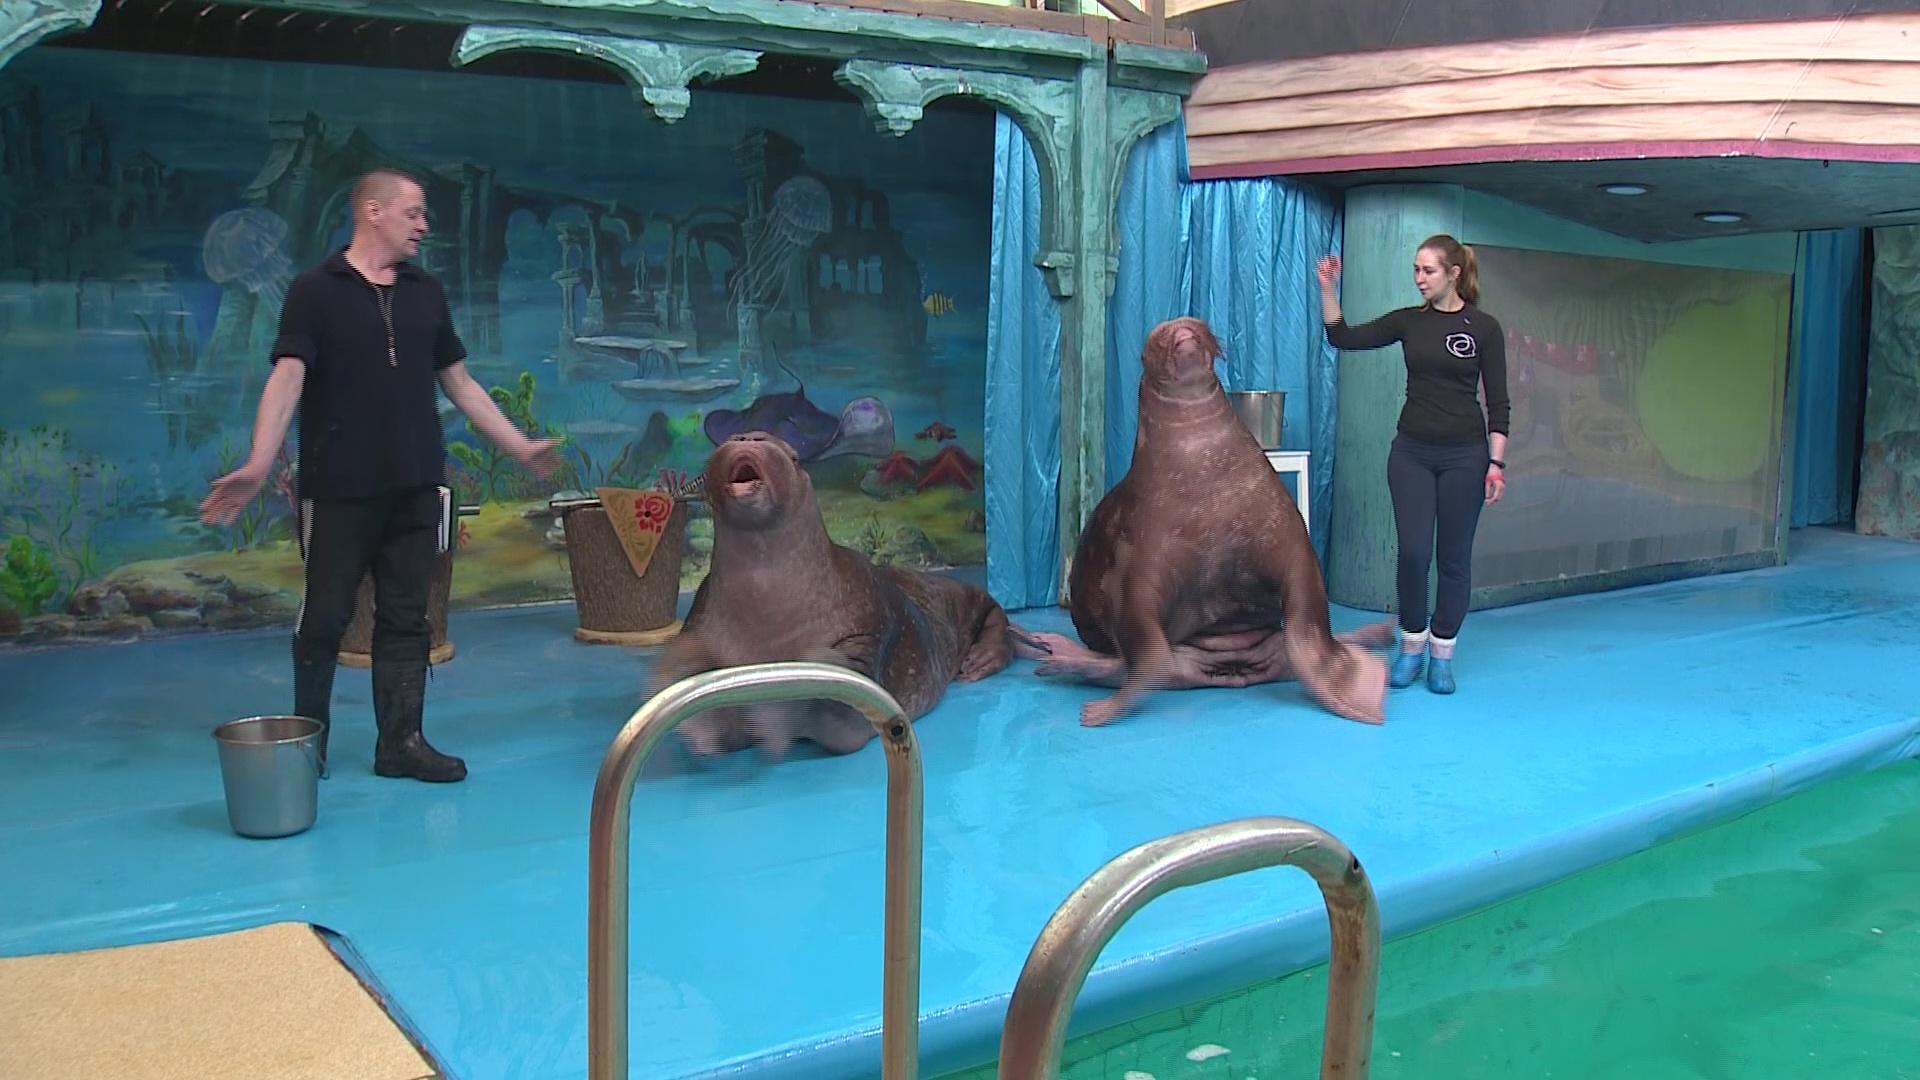 Дельфинарий и цирк ушли на карантин: как поменялась жизнь артистов-животных